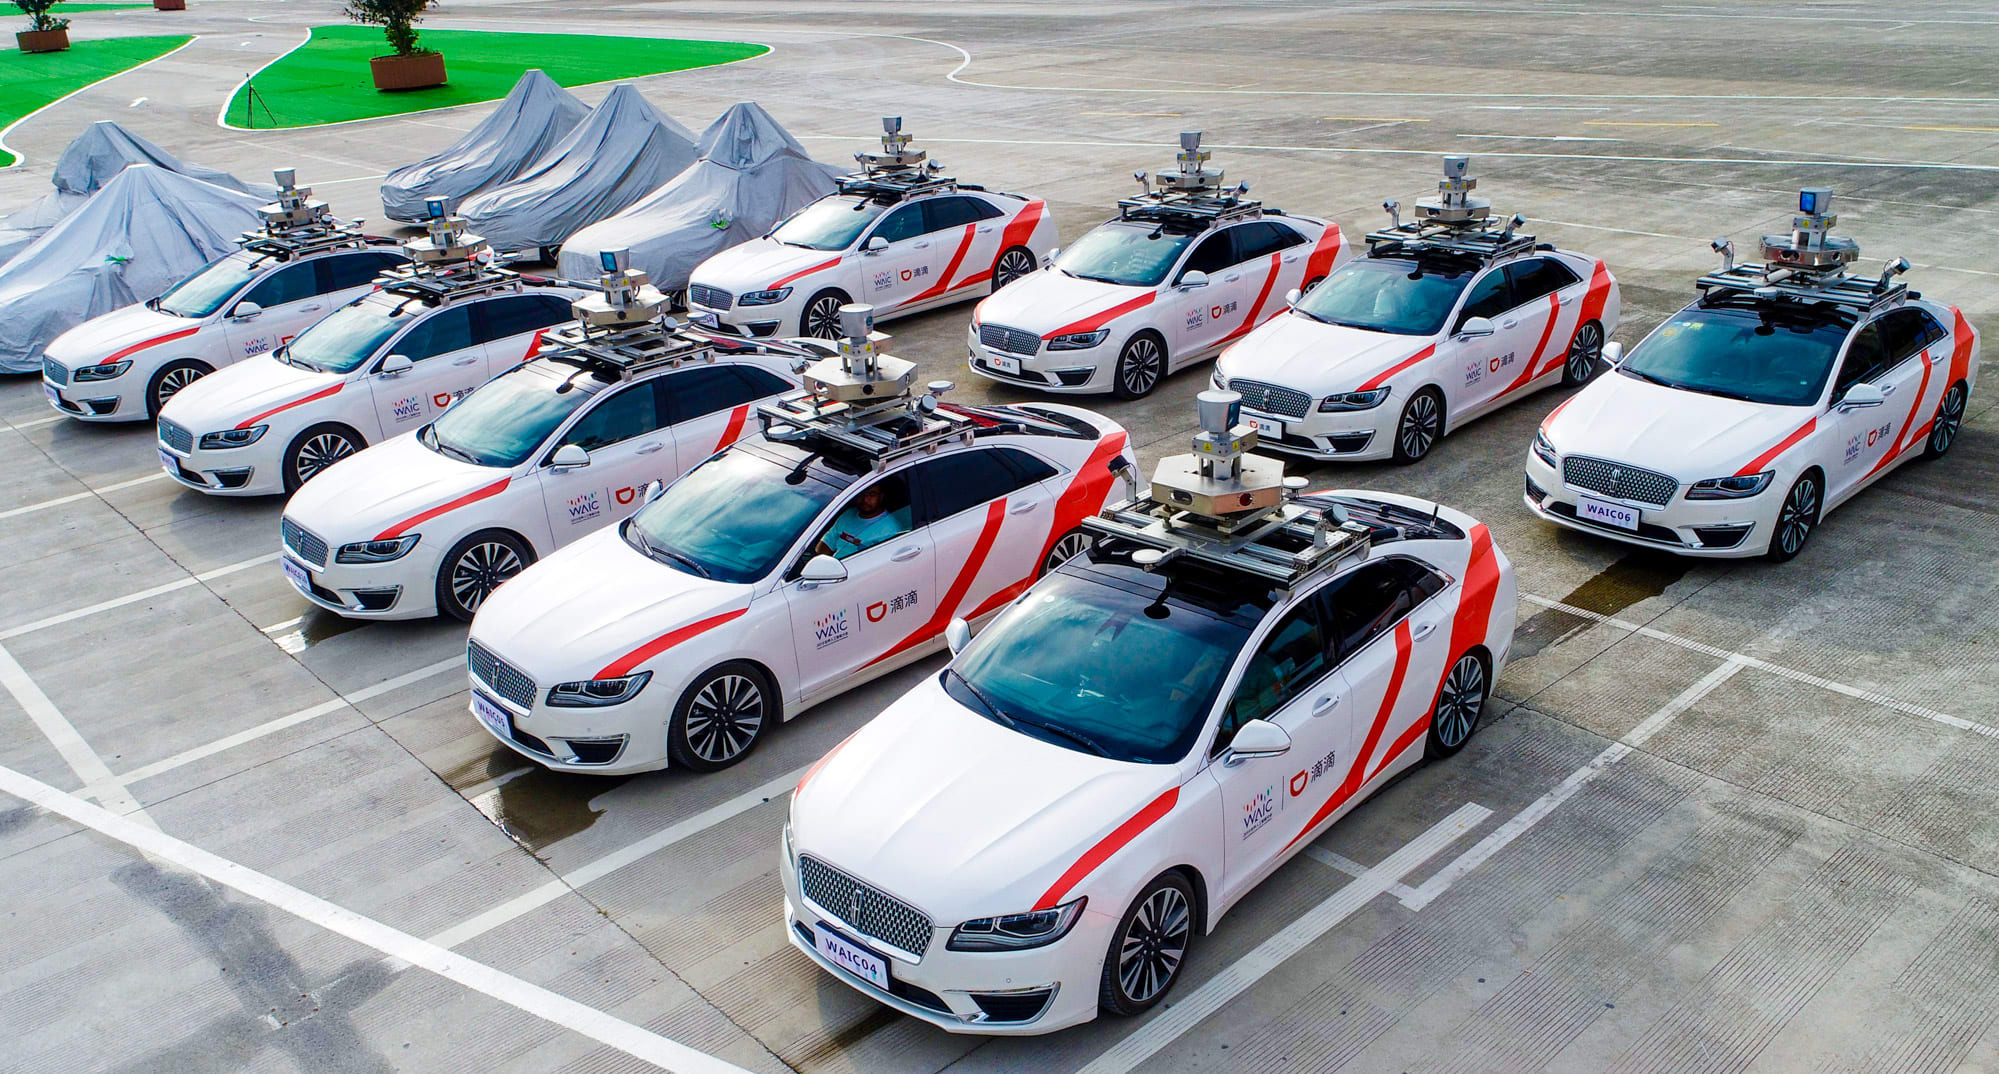 Çin'de sürücüsüz robot taksi denemeleri başladı